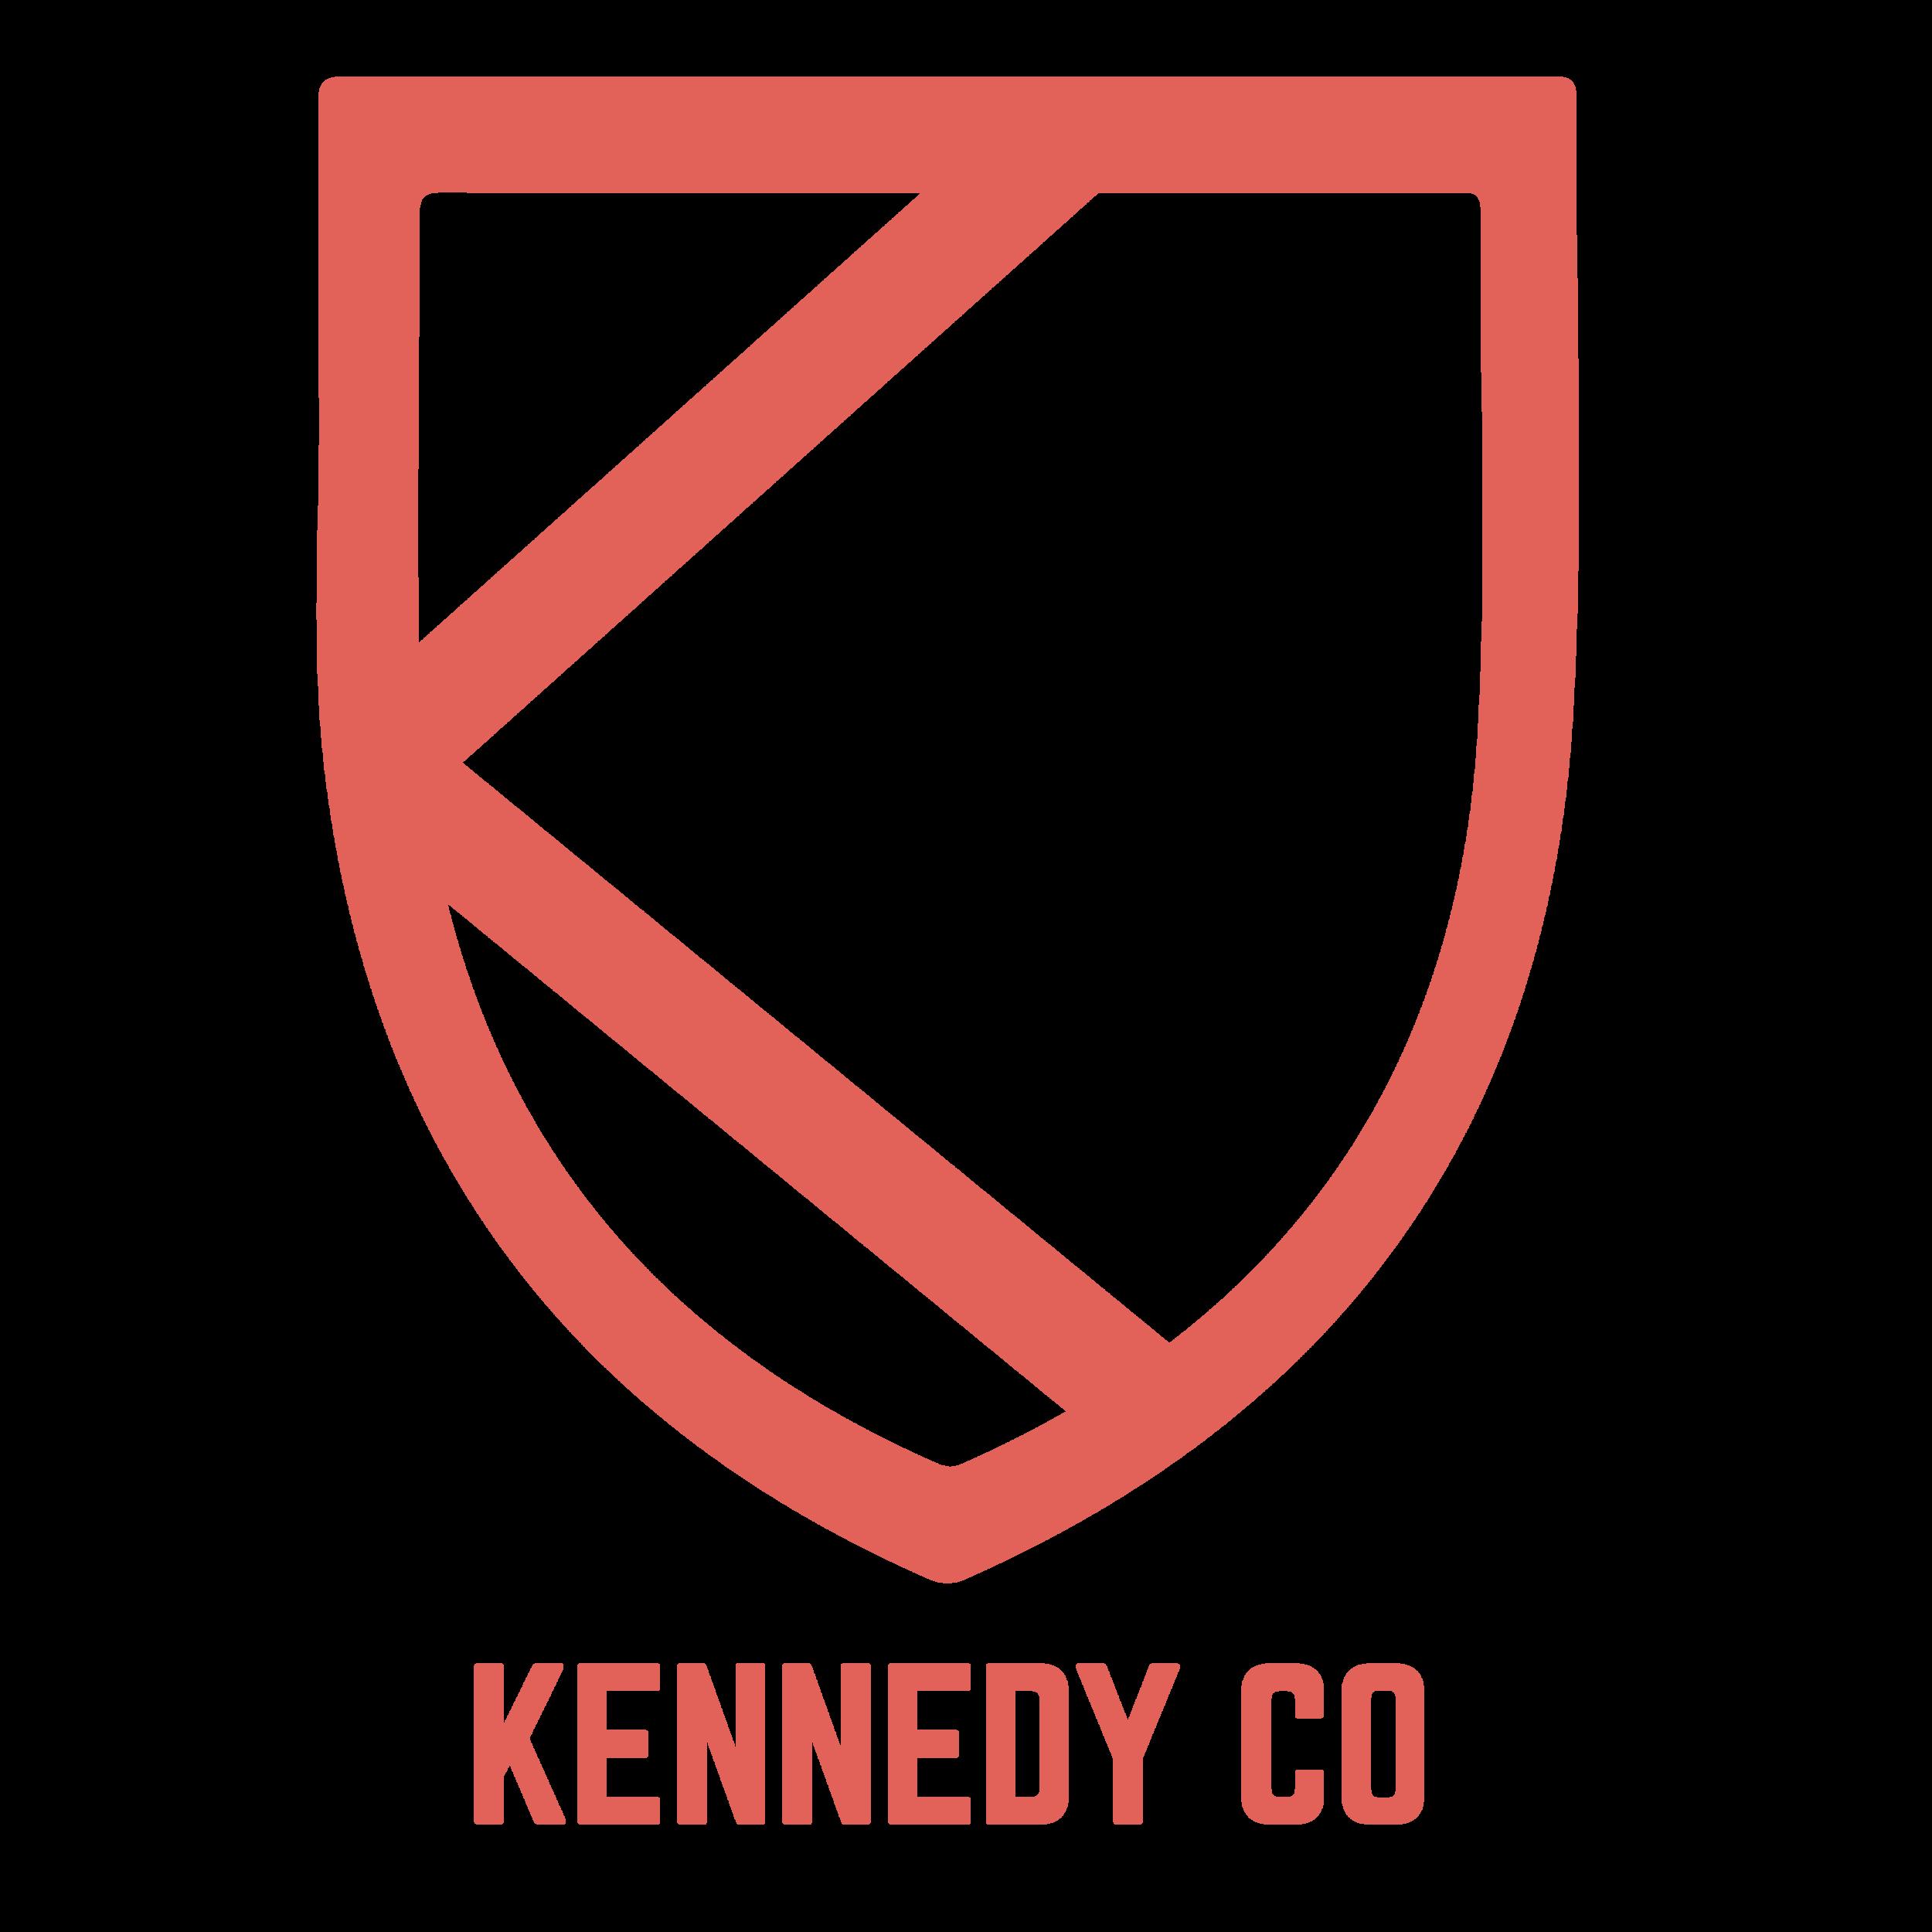 kc_logo 2018-11.png